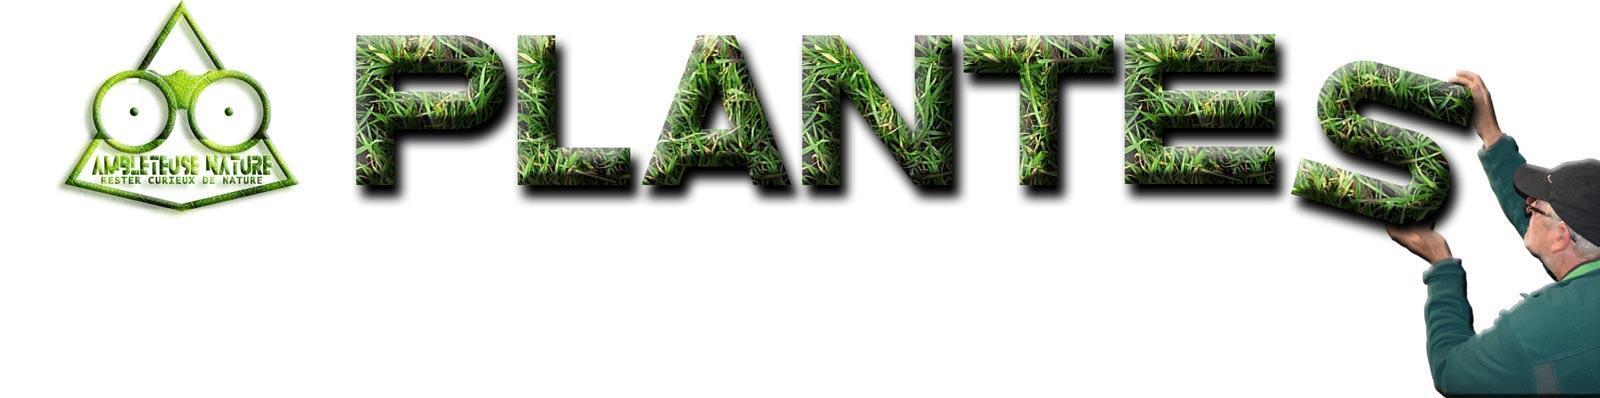 plante titre de la page